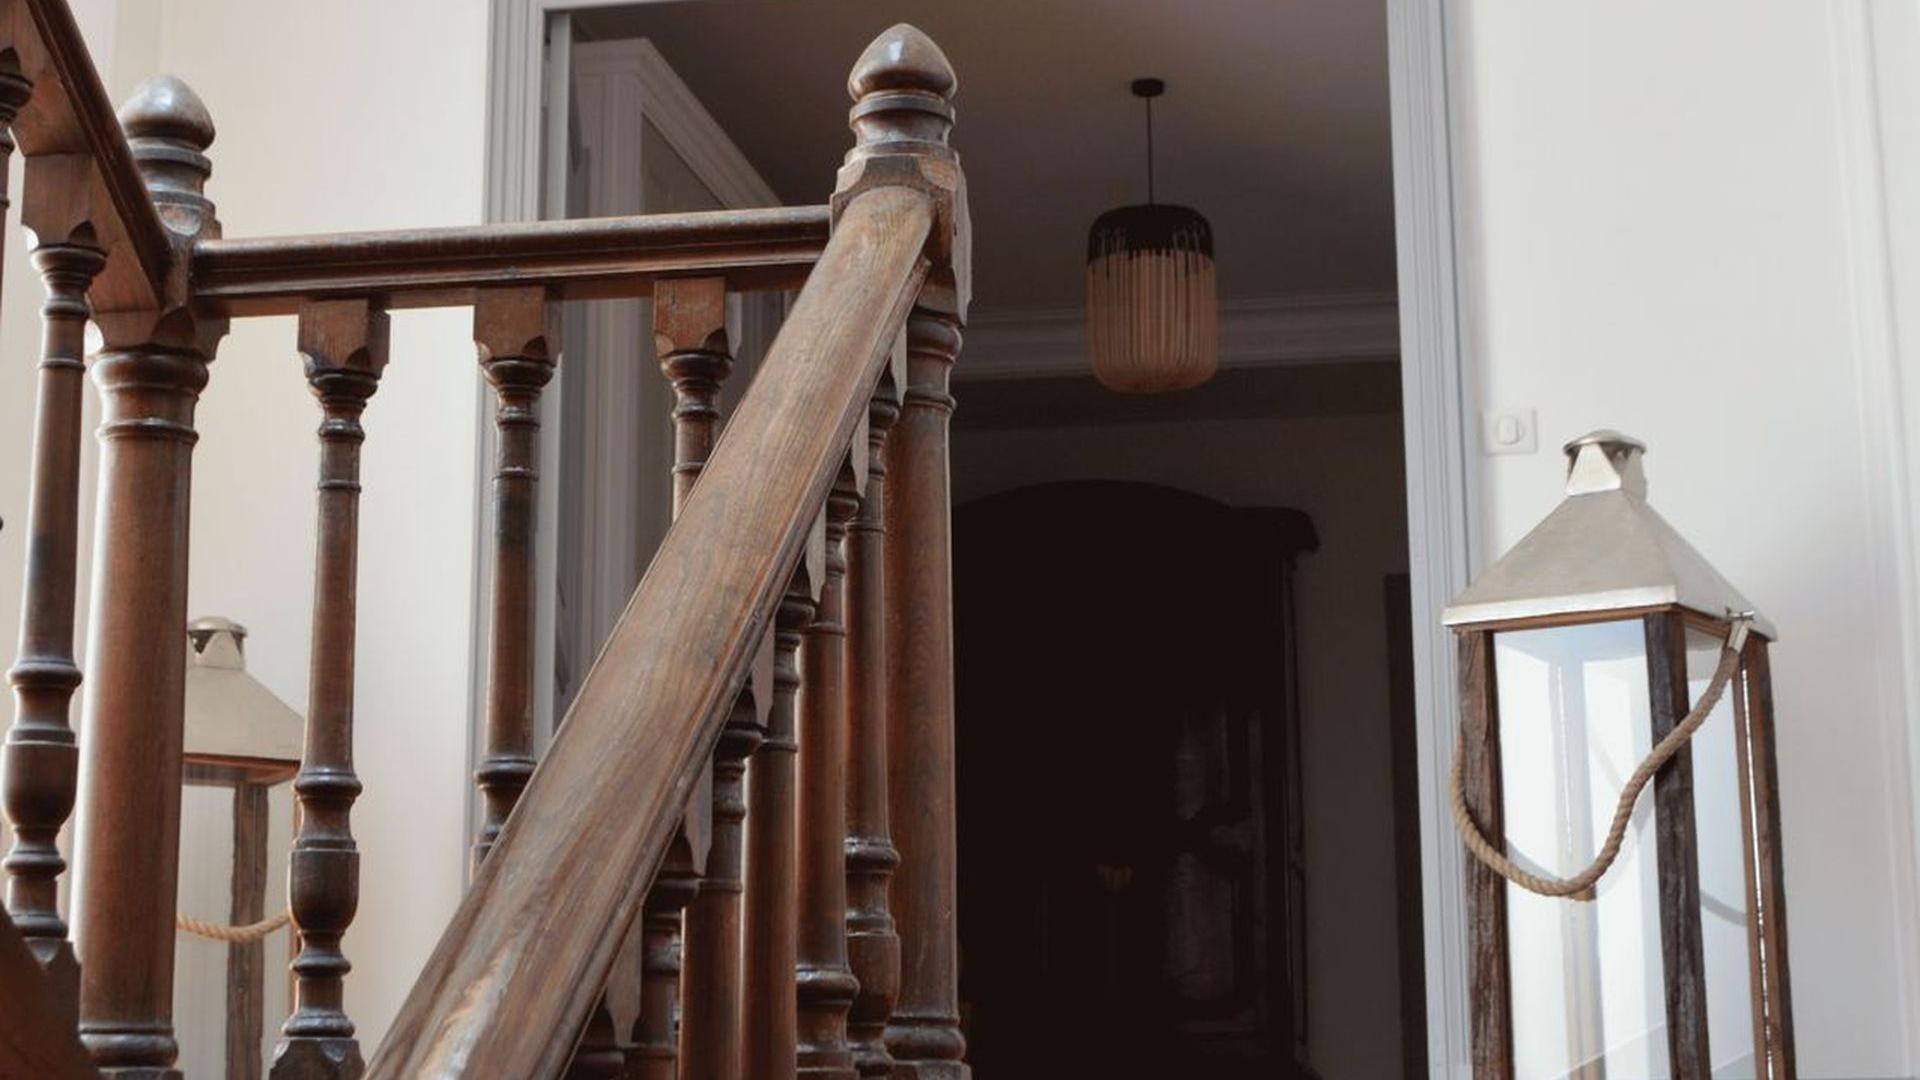 Escalier permettant l'accès aux chambres décoration chambres d'hôtes l'Esprit du 8 Rochefort